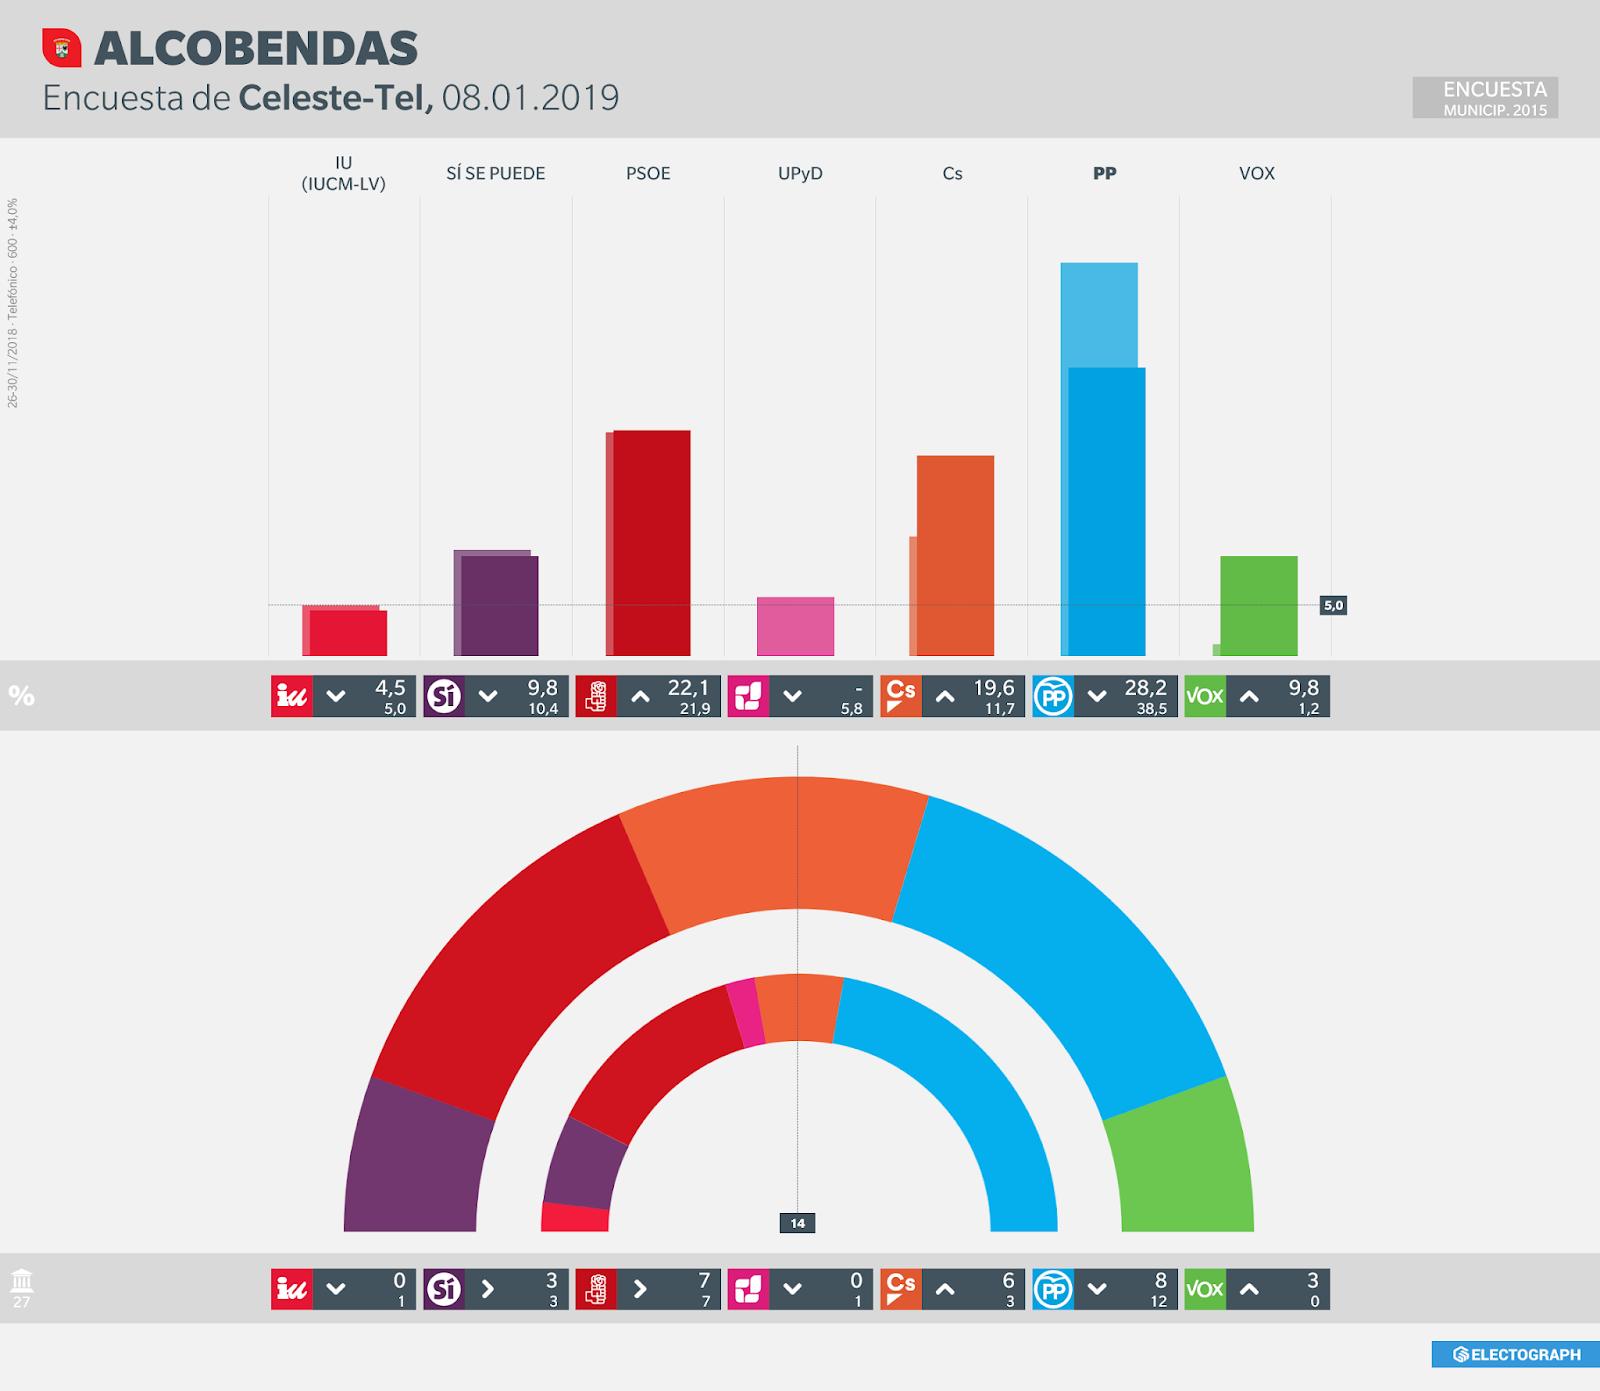 Gráfico de la encuesta para elecciones municipales en Alcobendas realizada por Celeste-Tel, 8 de enero de 2019